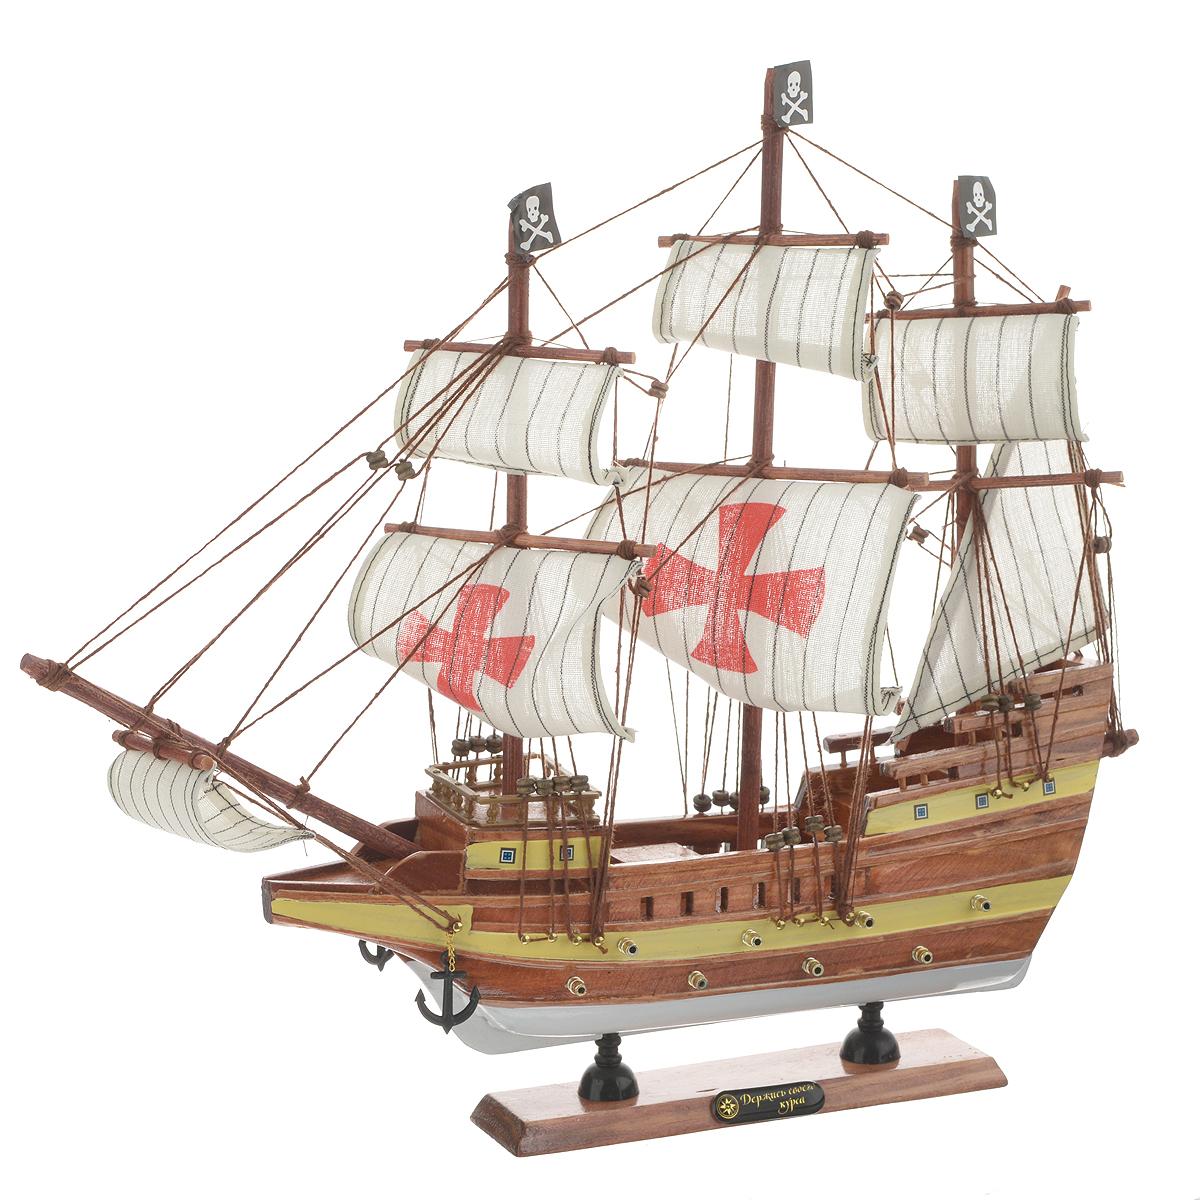 Корабль сувенирный Держись своего курса, длина 40 смNLED-420-1.5W-RСувенирный корабль Держись своего курса, изготовленный из дерева и текстиля, это великолепный элемент декора рабочей зоны в офисе или кабинете. Корабль с парусами и якорями помещен на деревянную подставку. Время идет, и мы становимся свидетелями развития технического прогресса, новых учений и практик. Но одно не подвластно времени - это любовь человека к морю и кораблям. Сувенирный корабль наполнен историей и силой океанских вод. Данная модель кораблика станет отличным подарком для всех любителей морей, поклонников историй о покорении океанов и неизведанных земель. Модель корабля - подарок со смыслом. Издавна на Руси считалось, что корабли приносят удачу и везение. Поэтому их изображения, фигурки и точные копии всегда присутствовали в помещениях. Удивите себя и своих близких необычным презентом.